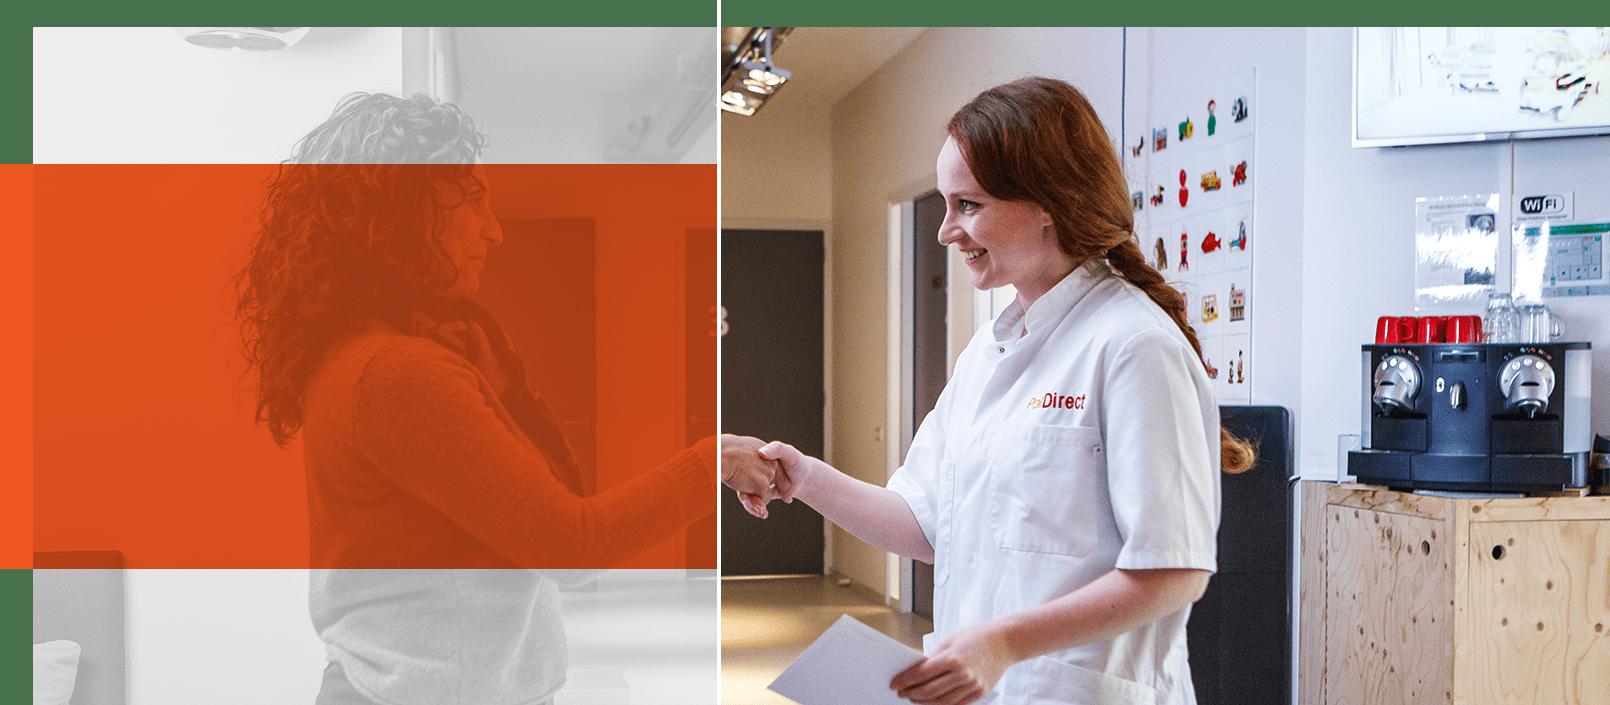 Foto verpleegkundige verwelkomt patiënt